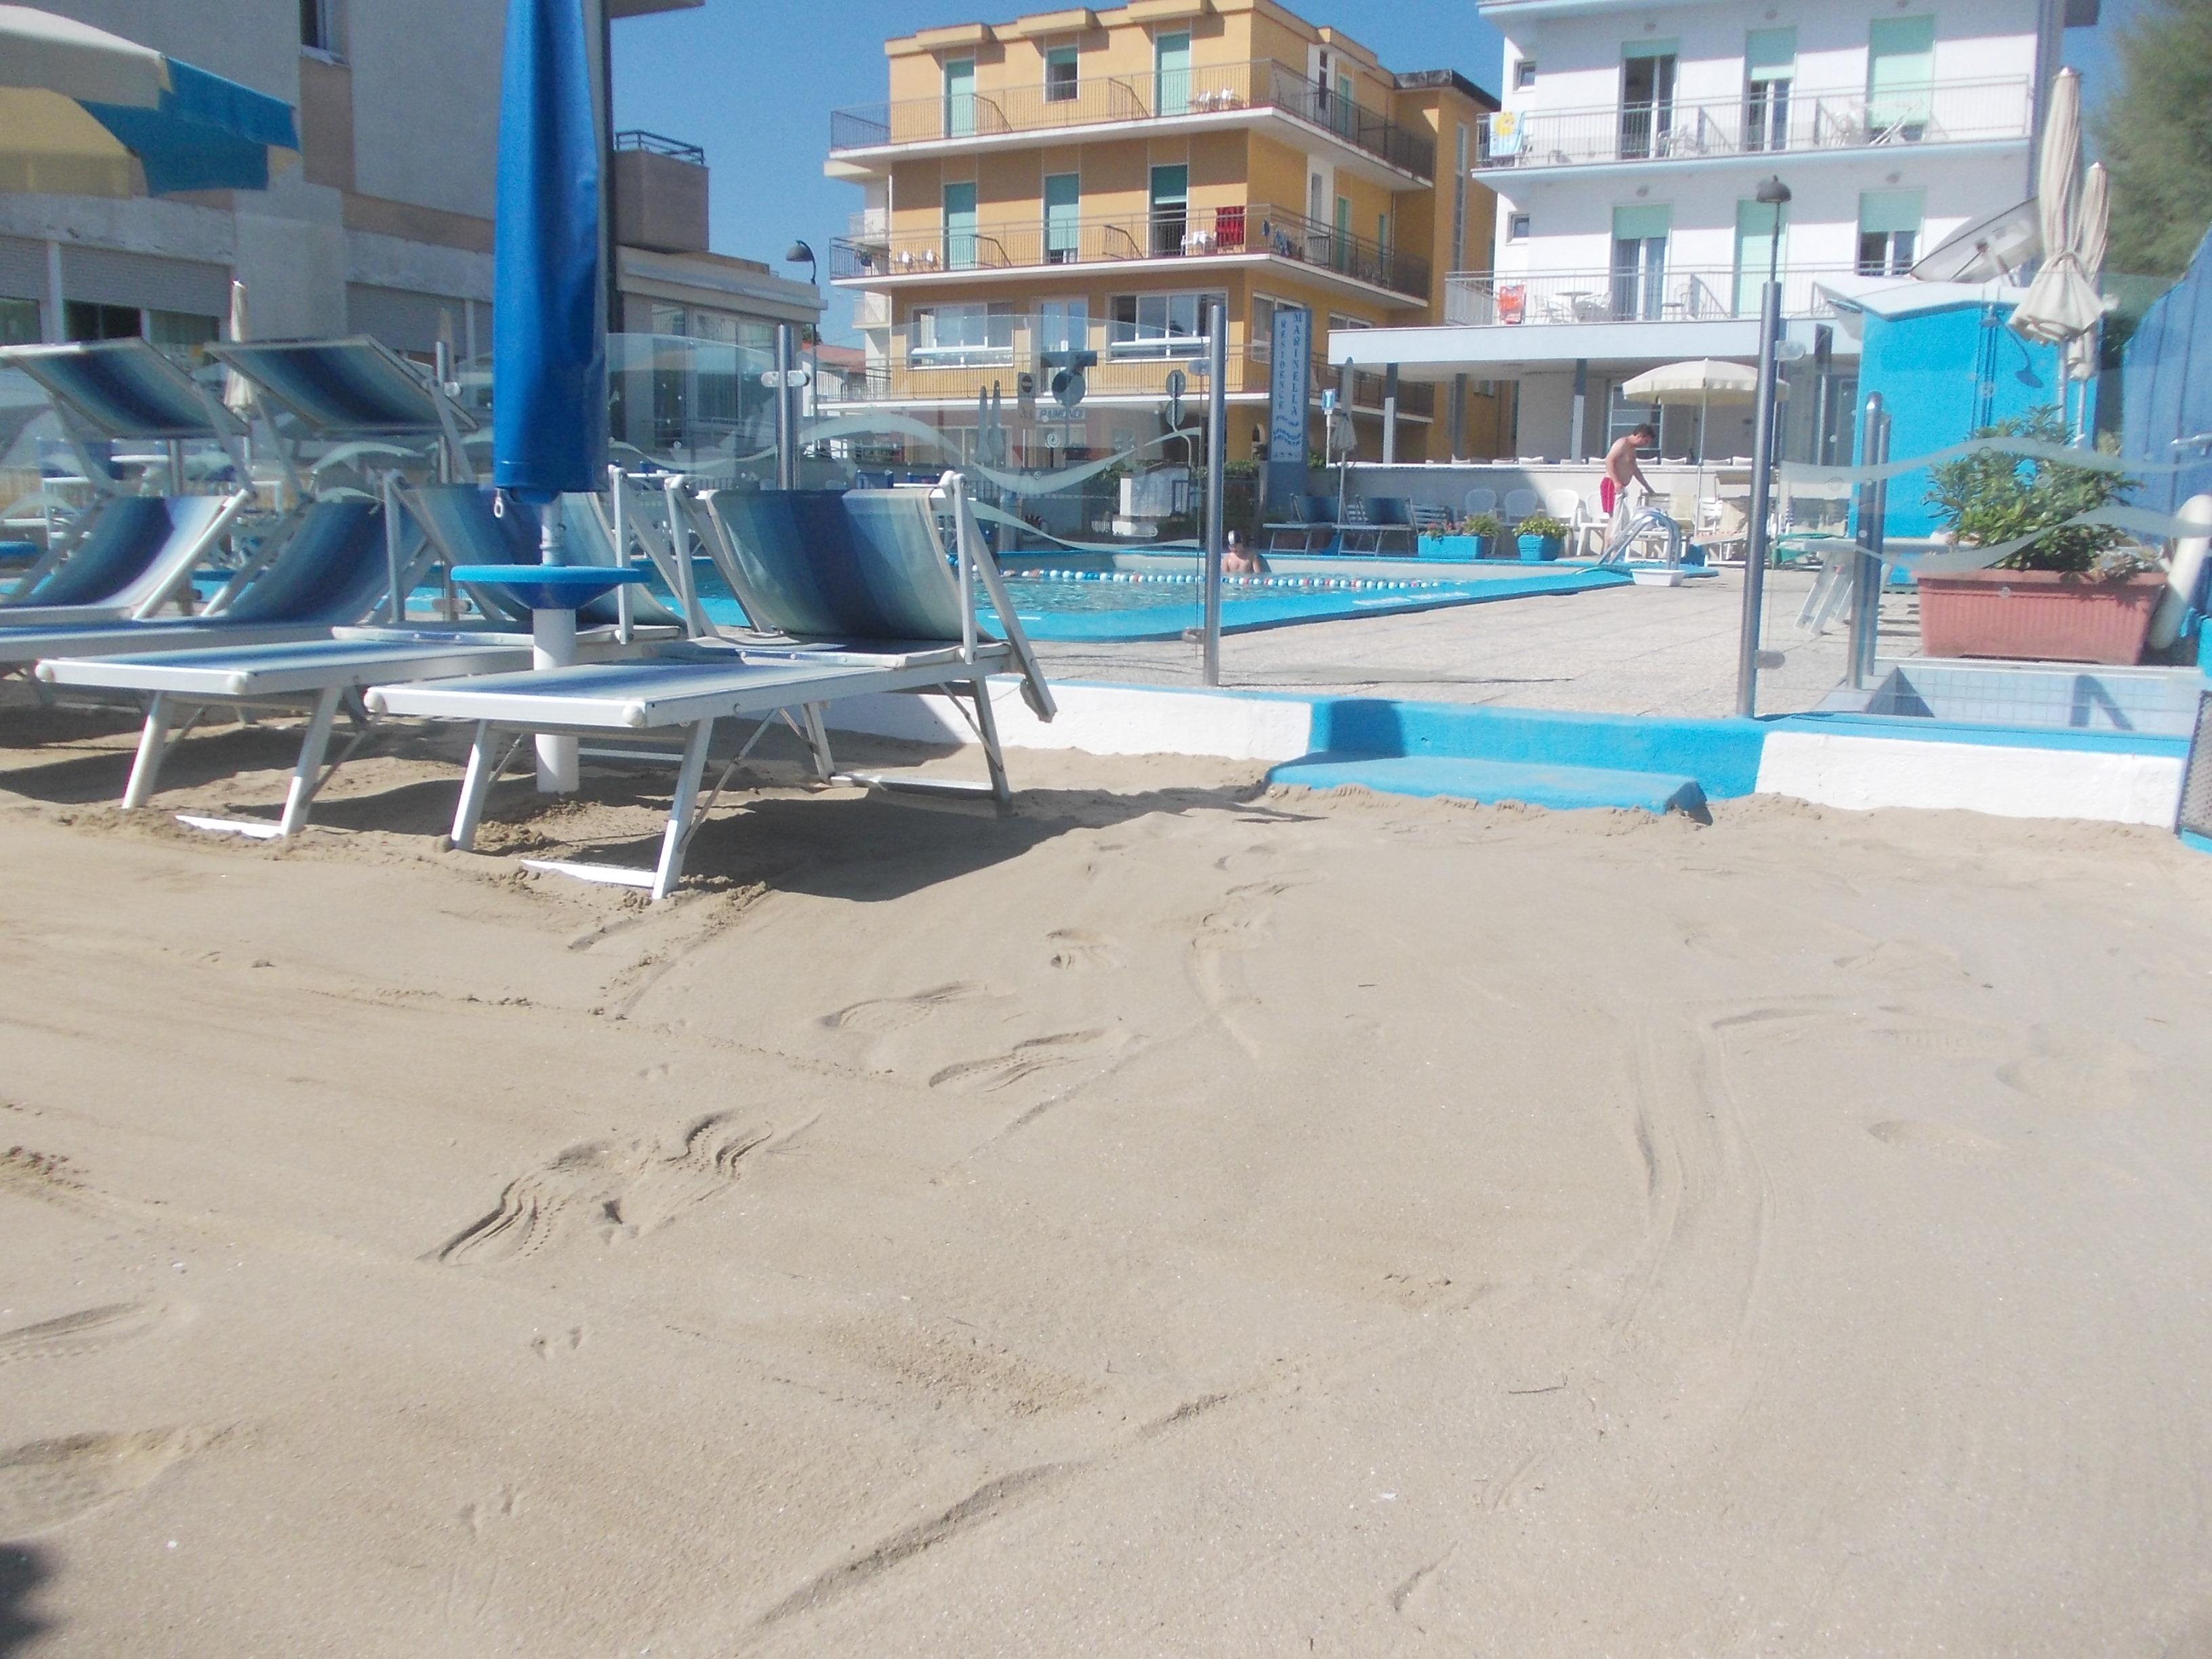 spiaggia privata con sabbia di mare